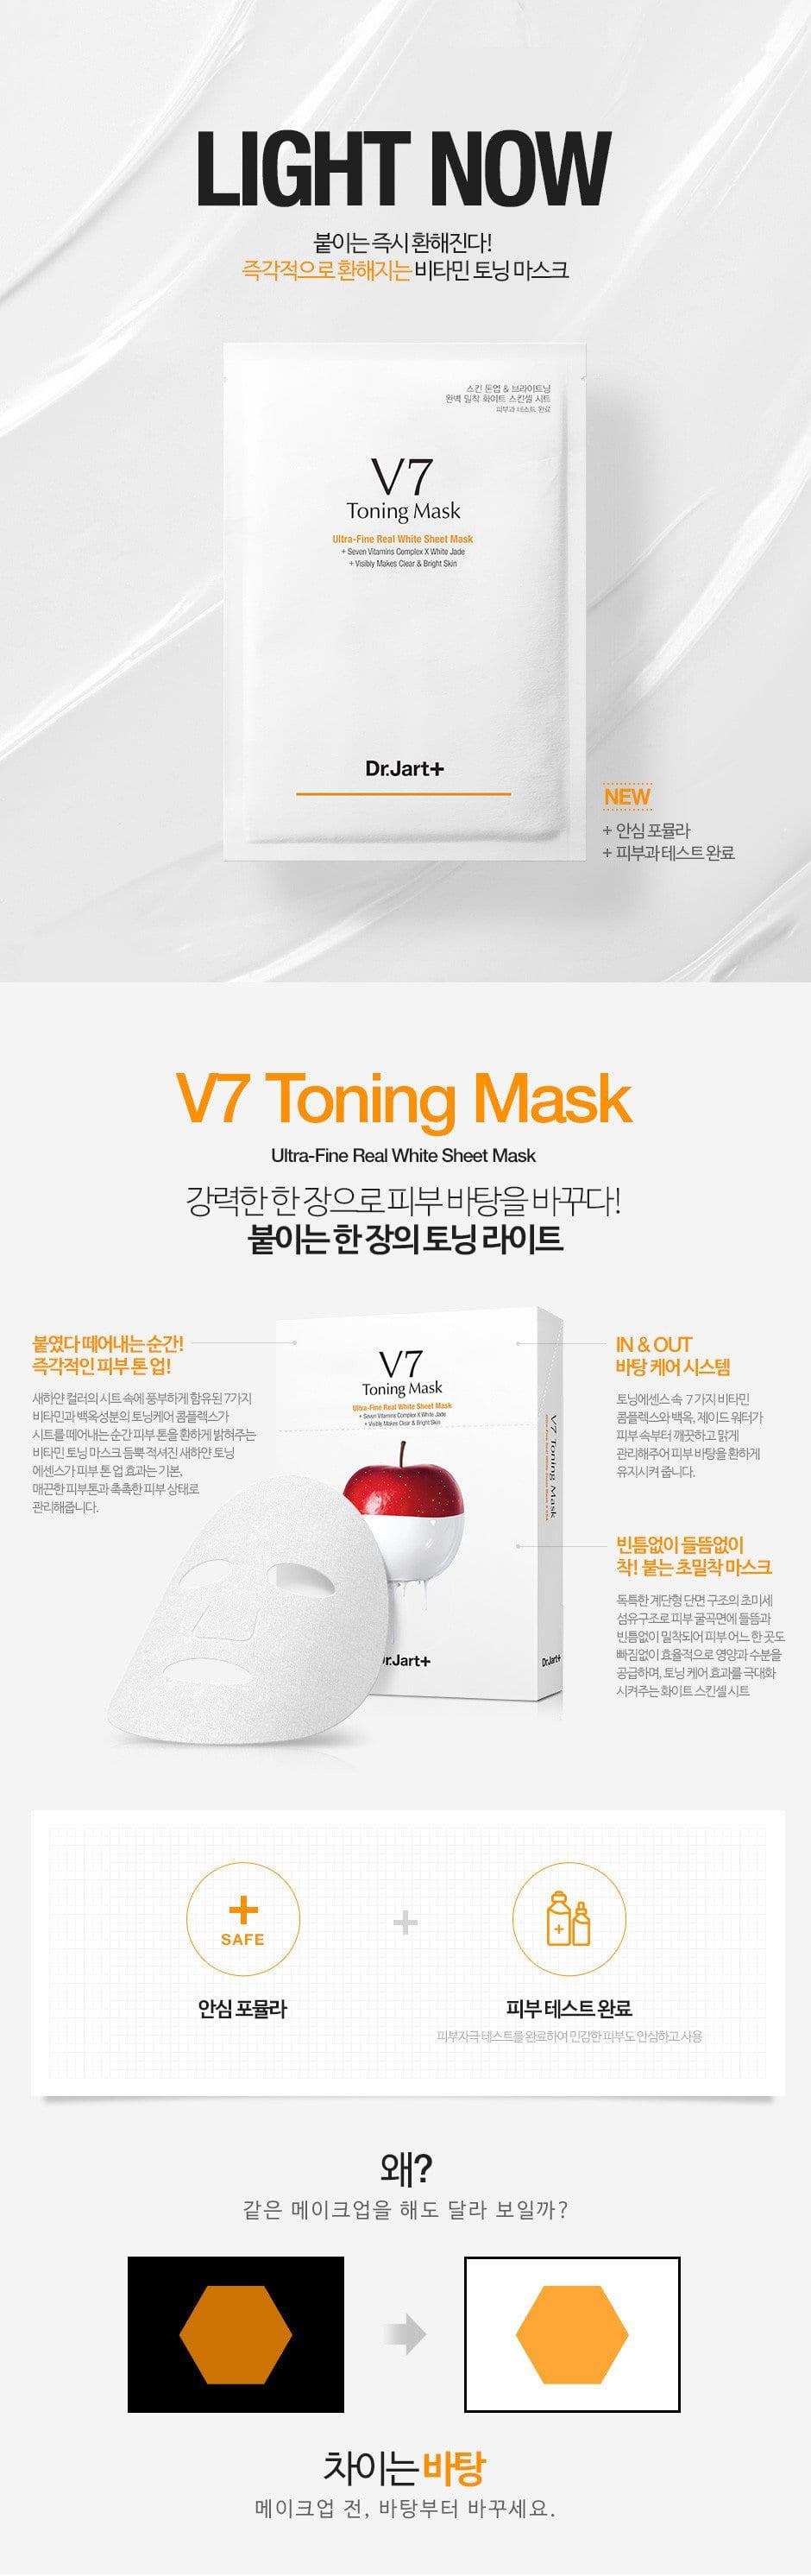 V7 Toning White Mask - Mask Introduction